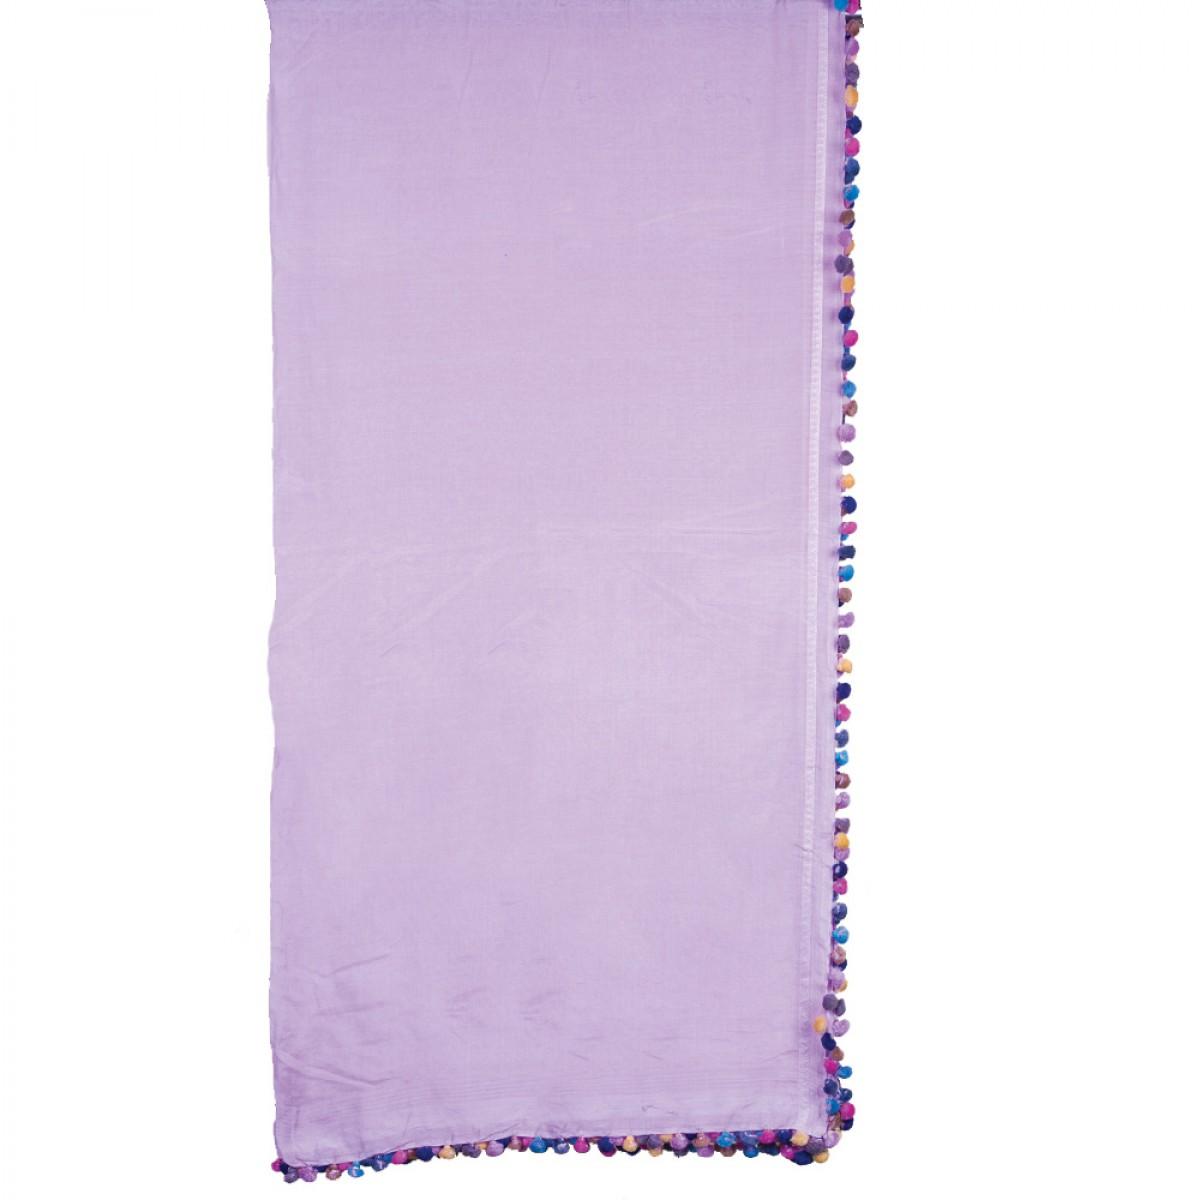 Cotton Pom Pom Scarf - Lilac